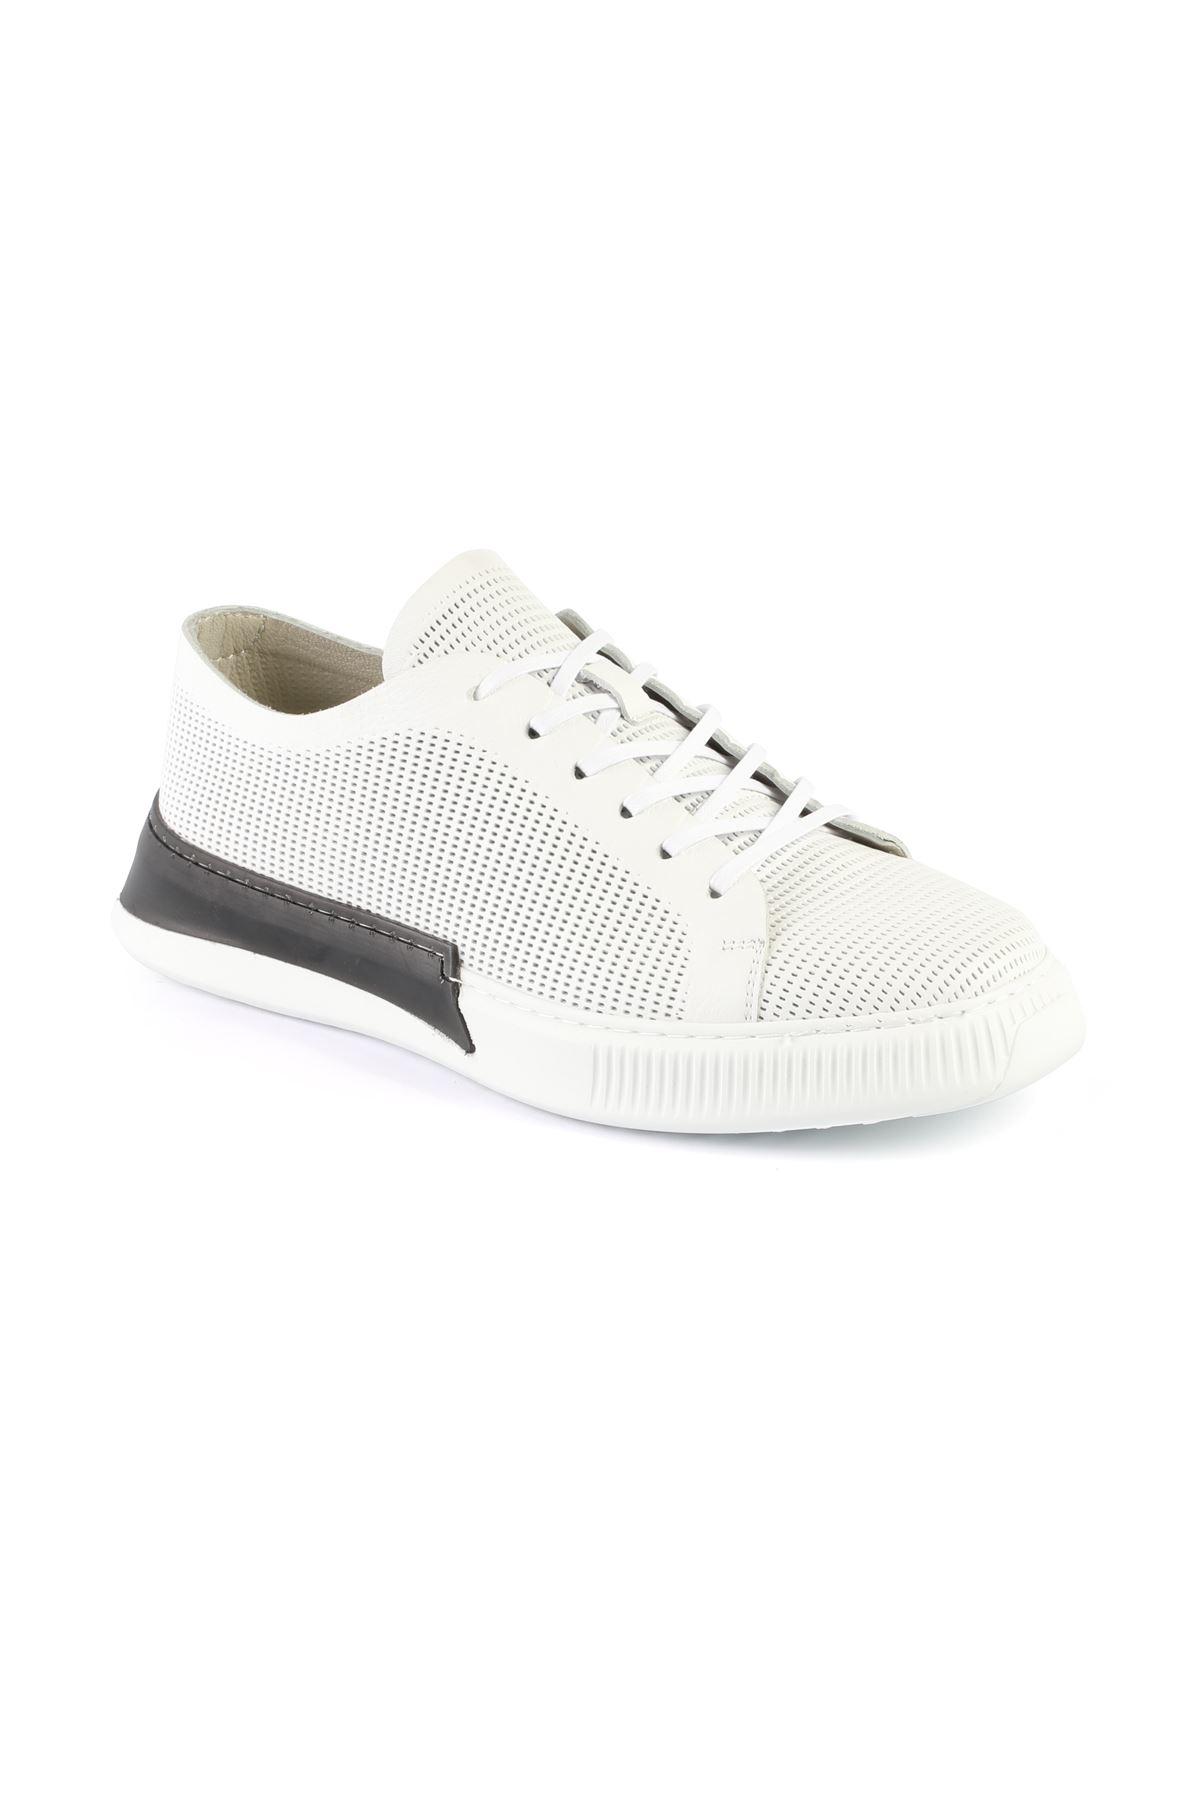 Libero L3411 White Sneaker Shoes